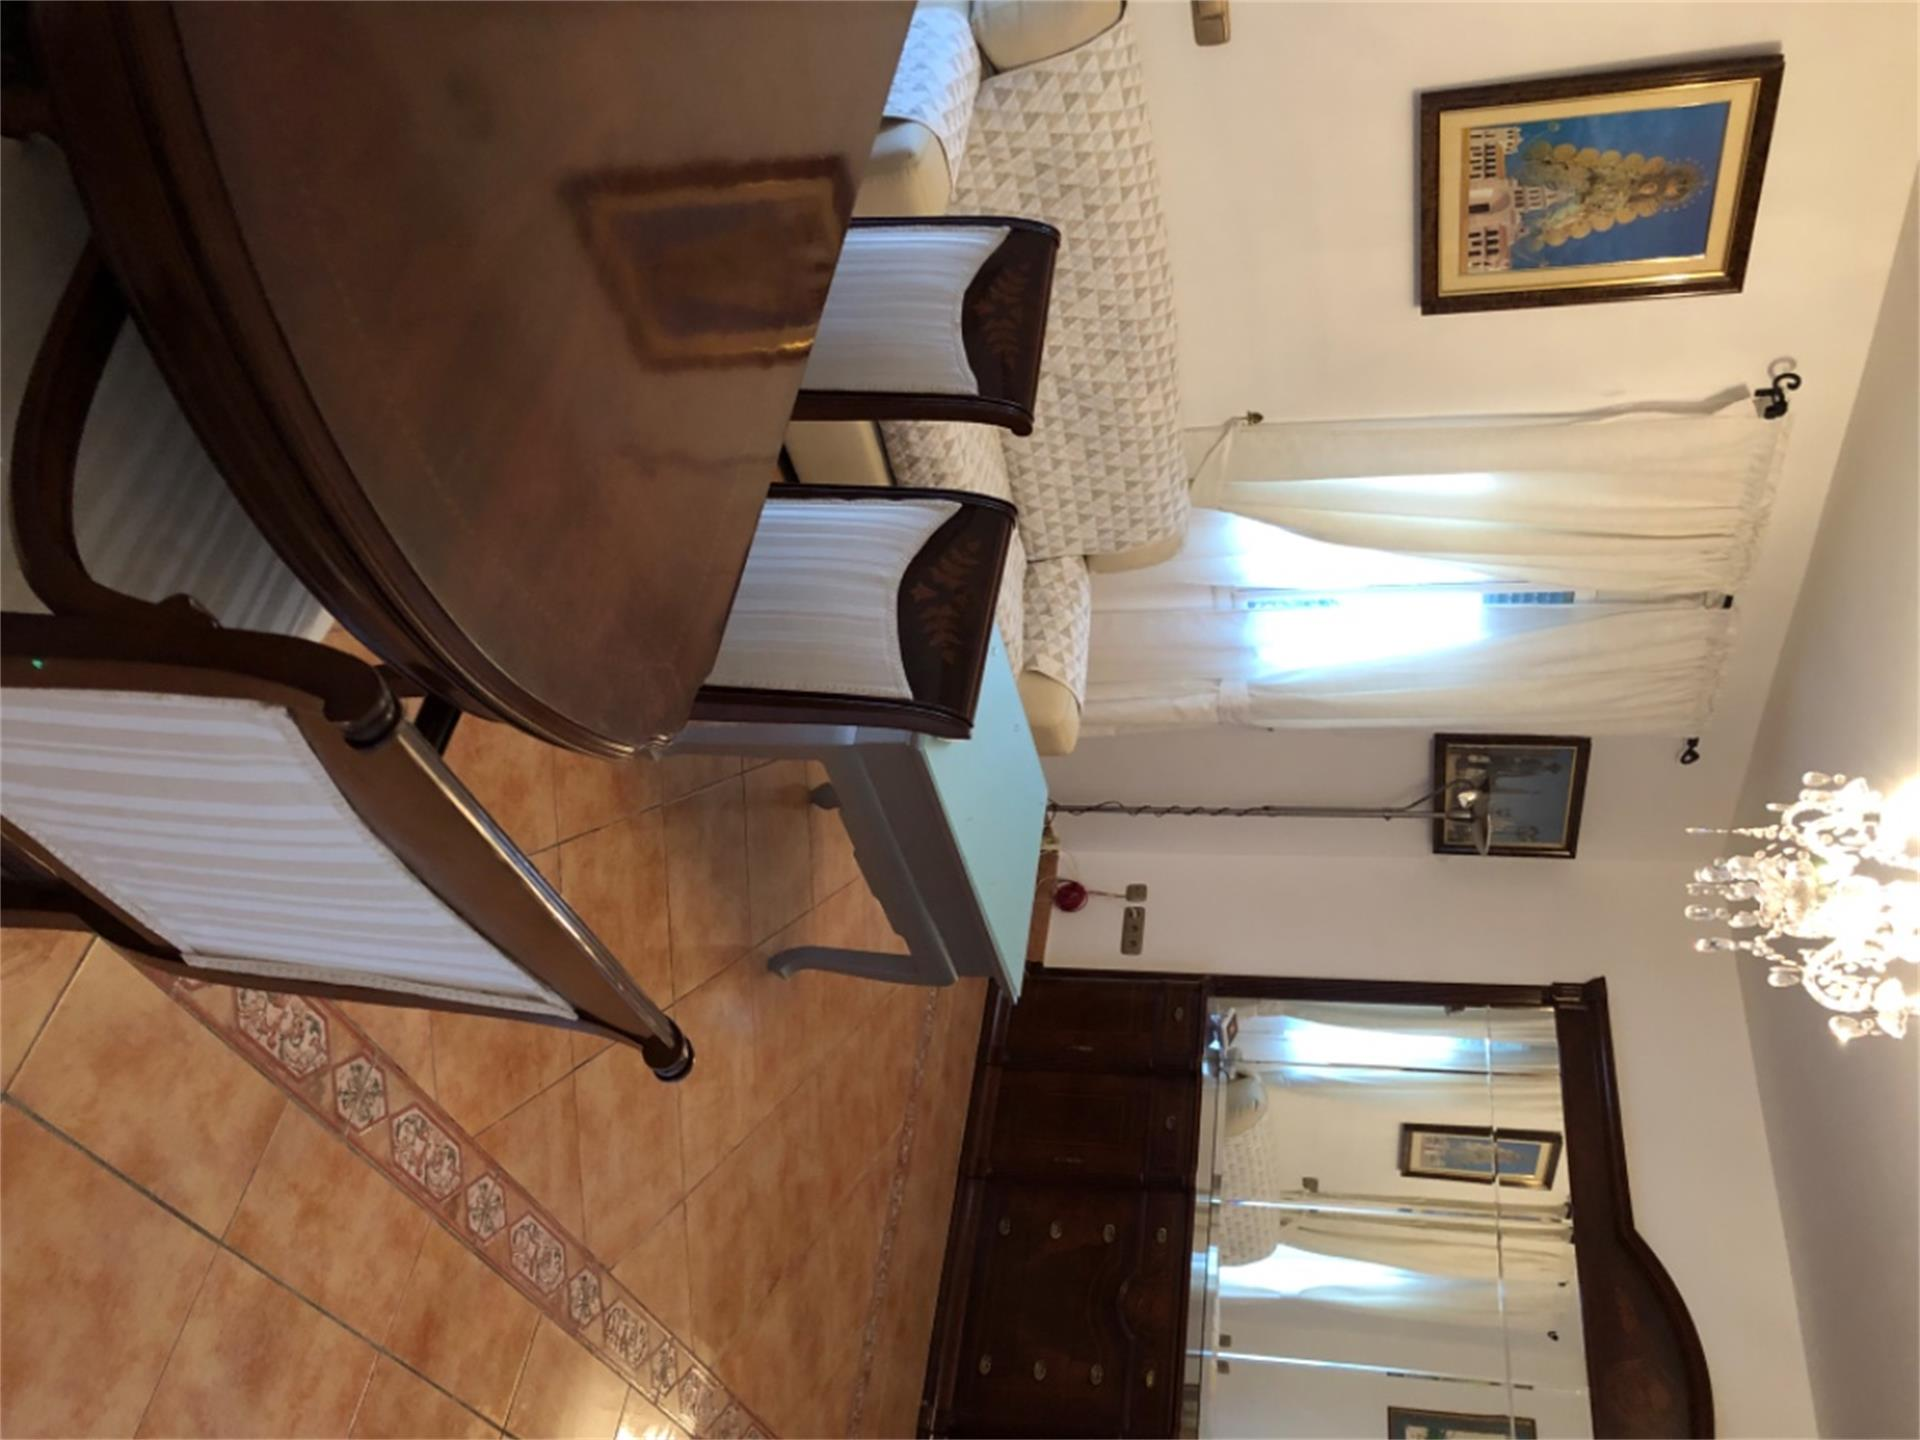 Casa o chalet de alquiler en Calle Uruguay, 11v Torre de Benagalbón - Añoreta (Torre de Benagalbón, Málaga)